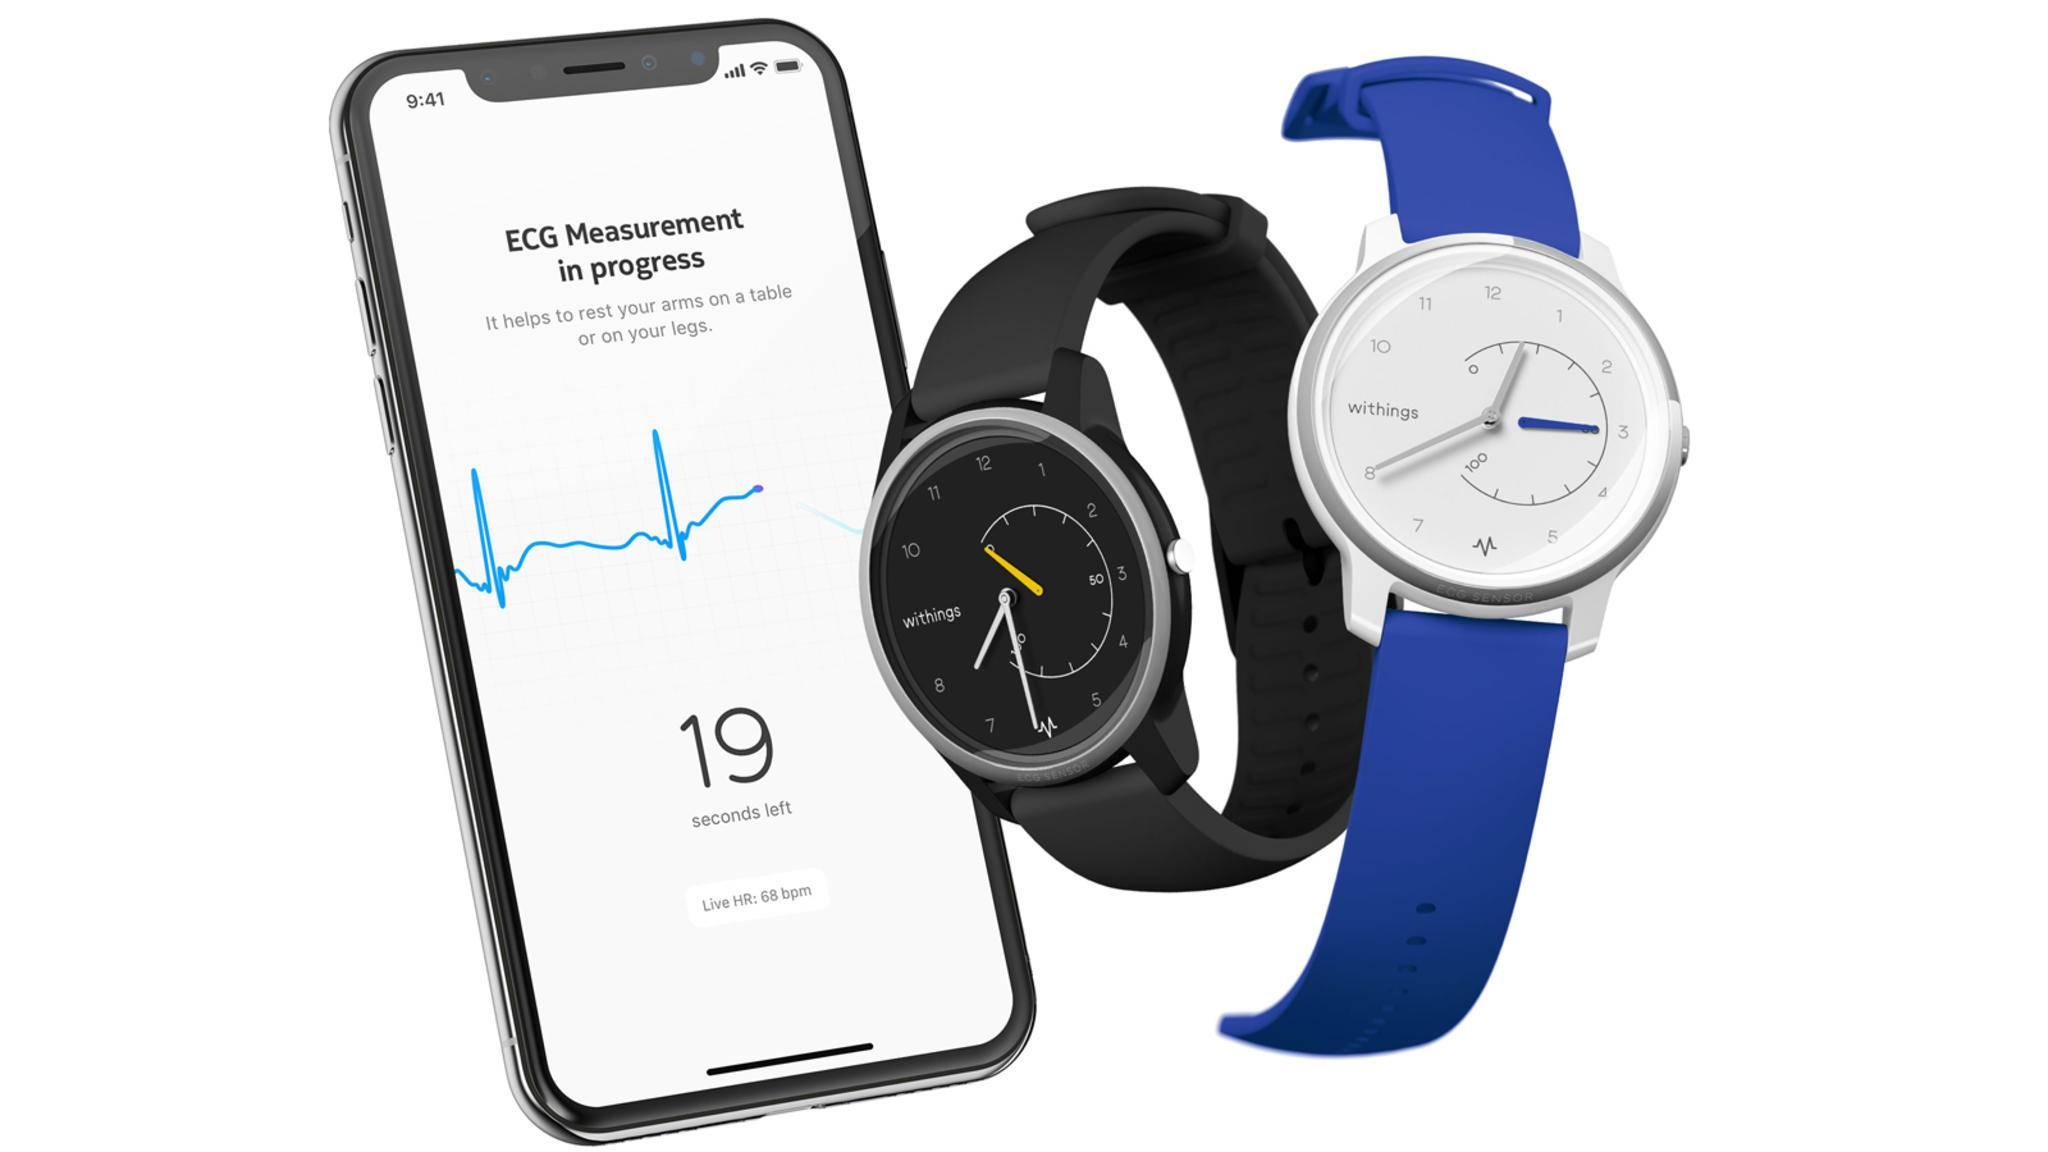 Withings' neue analoge Smartwatch liefert nun auch EKG-Daten.